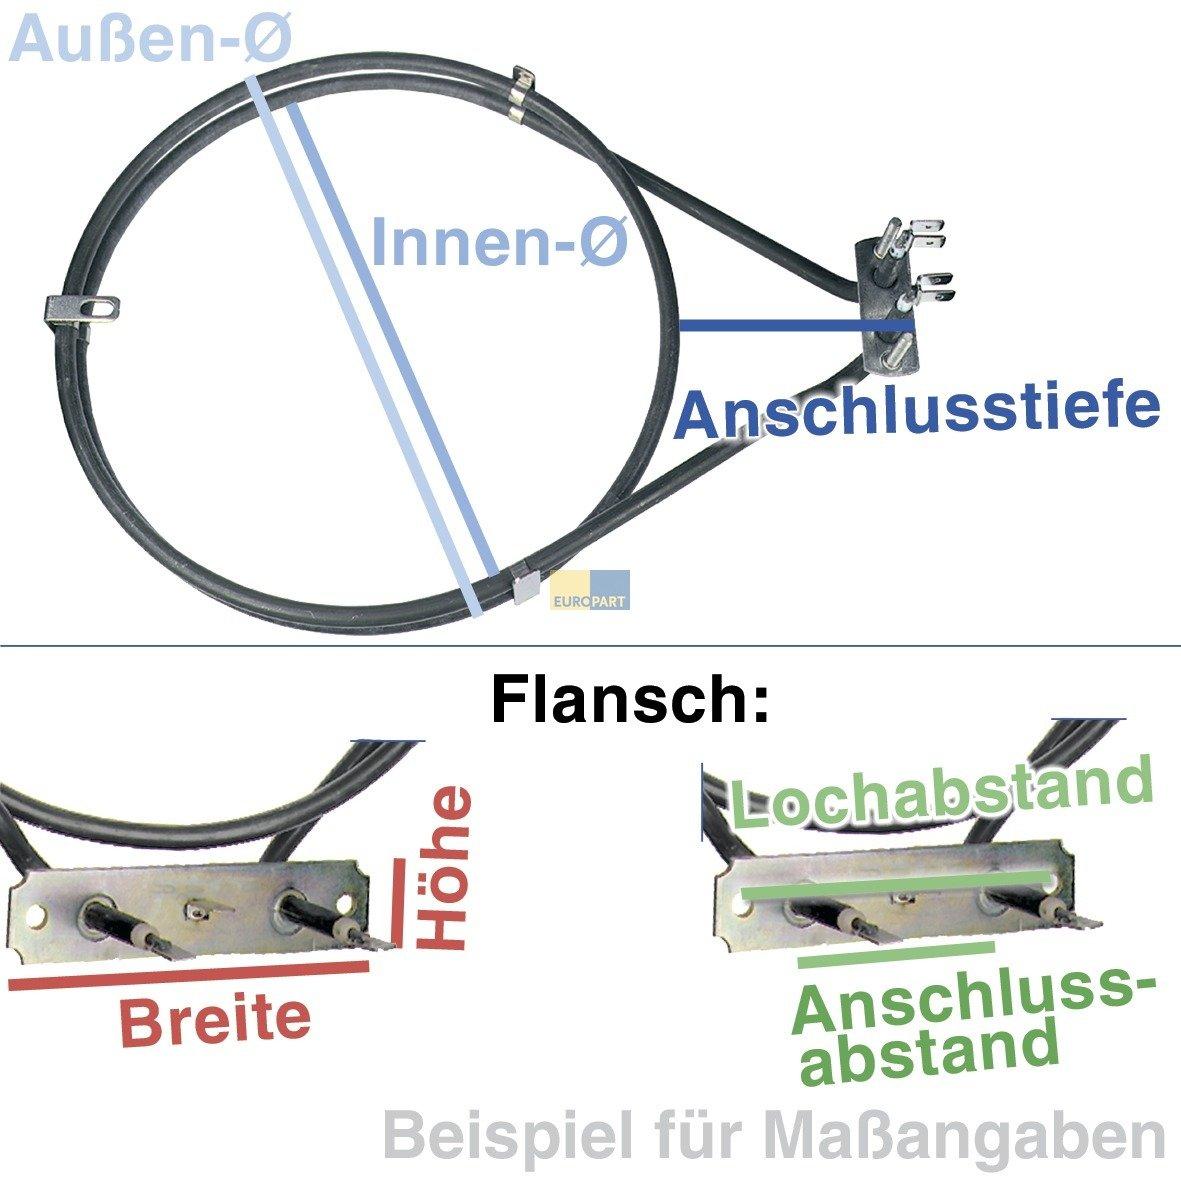 Bosch Siemens Neff 499004 00499004 ORIGINAL Heißluft Heizung Ringheizung Heissluftheizkörper Rundheizung Umluftheizkörper Heizelement Rundheizelement 2300W Backofen Ofen Herd BSH Hausgeräte Service GmbH